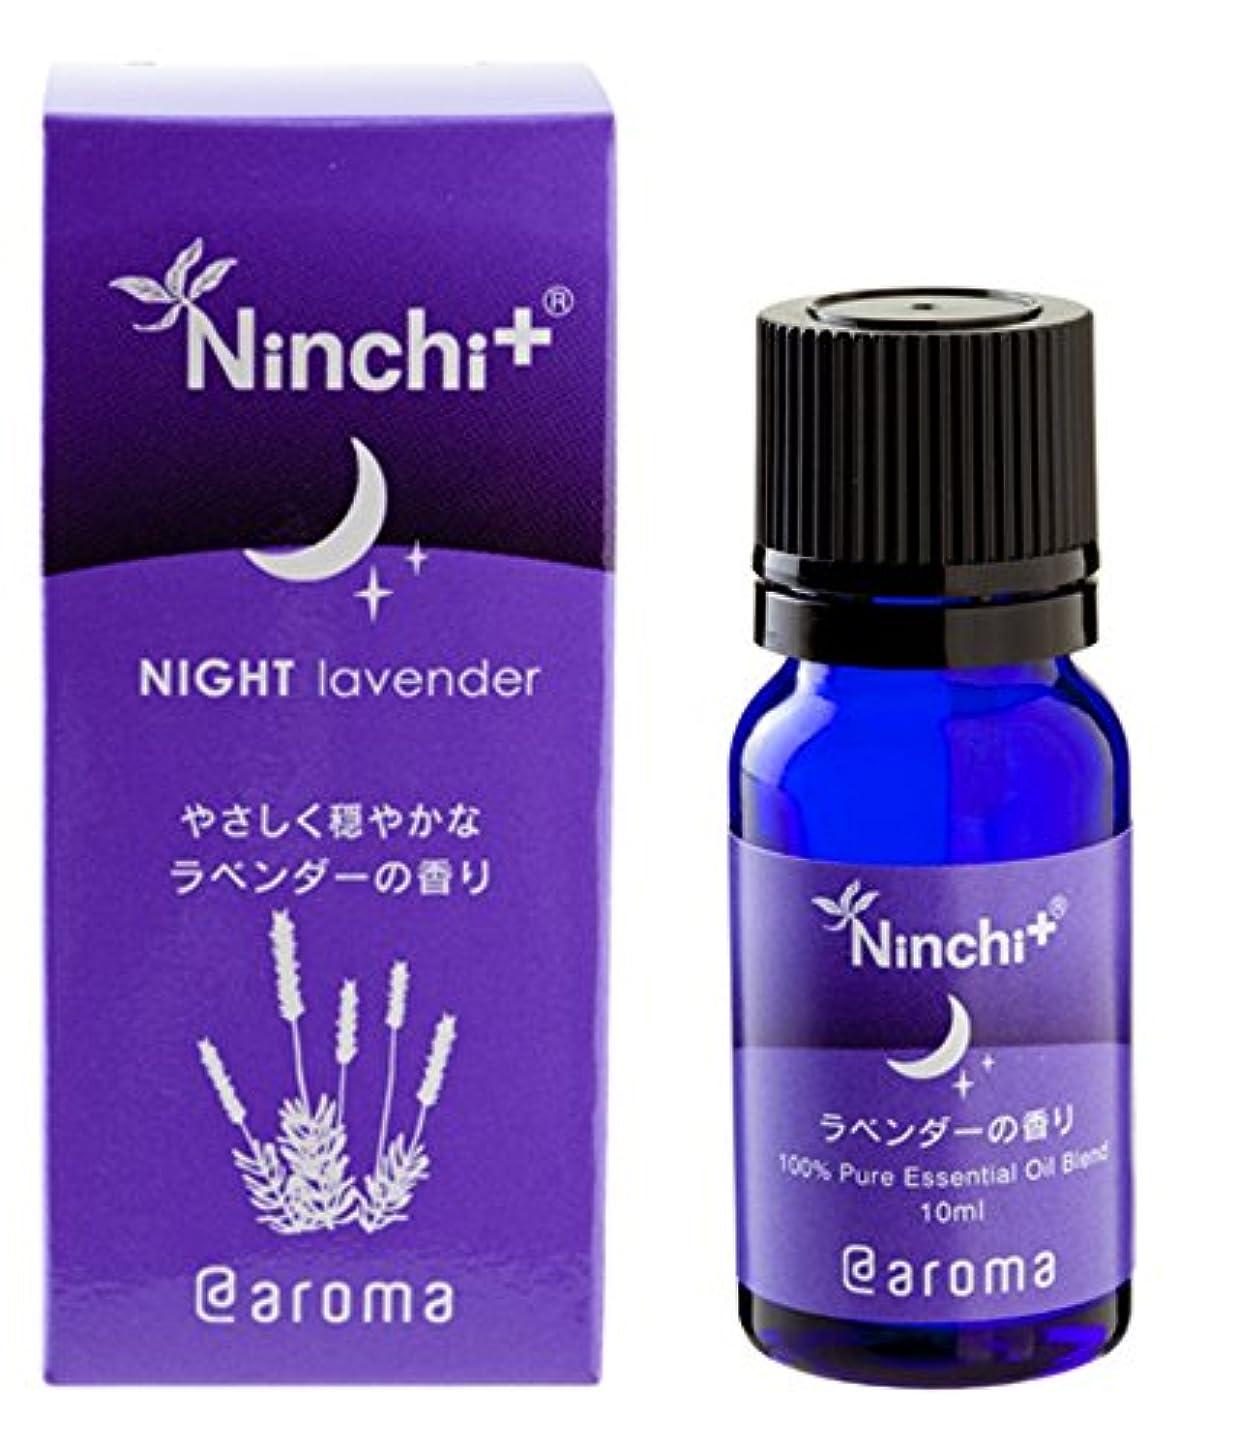 ブランチウェーハ延ばすNinchi+ Night ラベンダー10ml